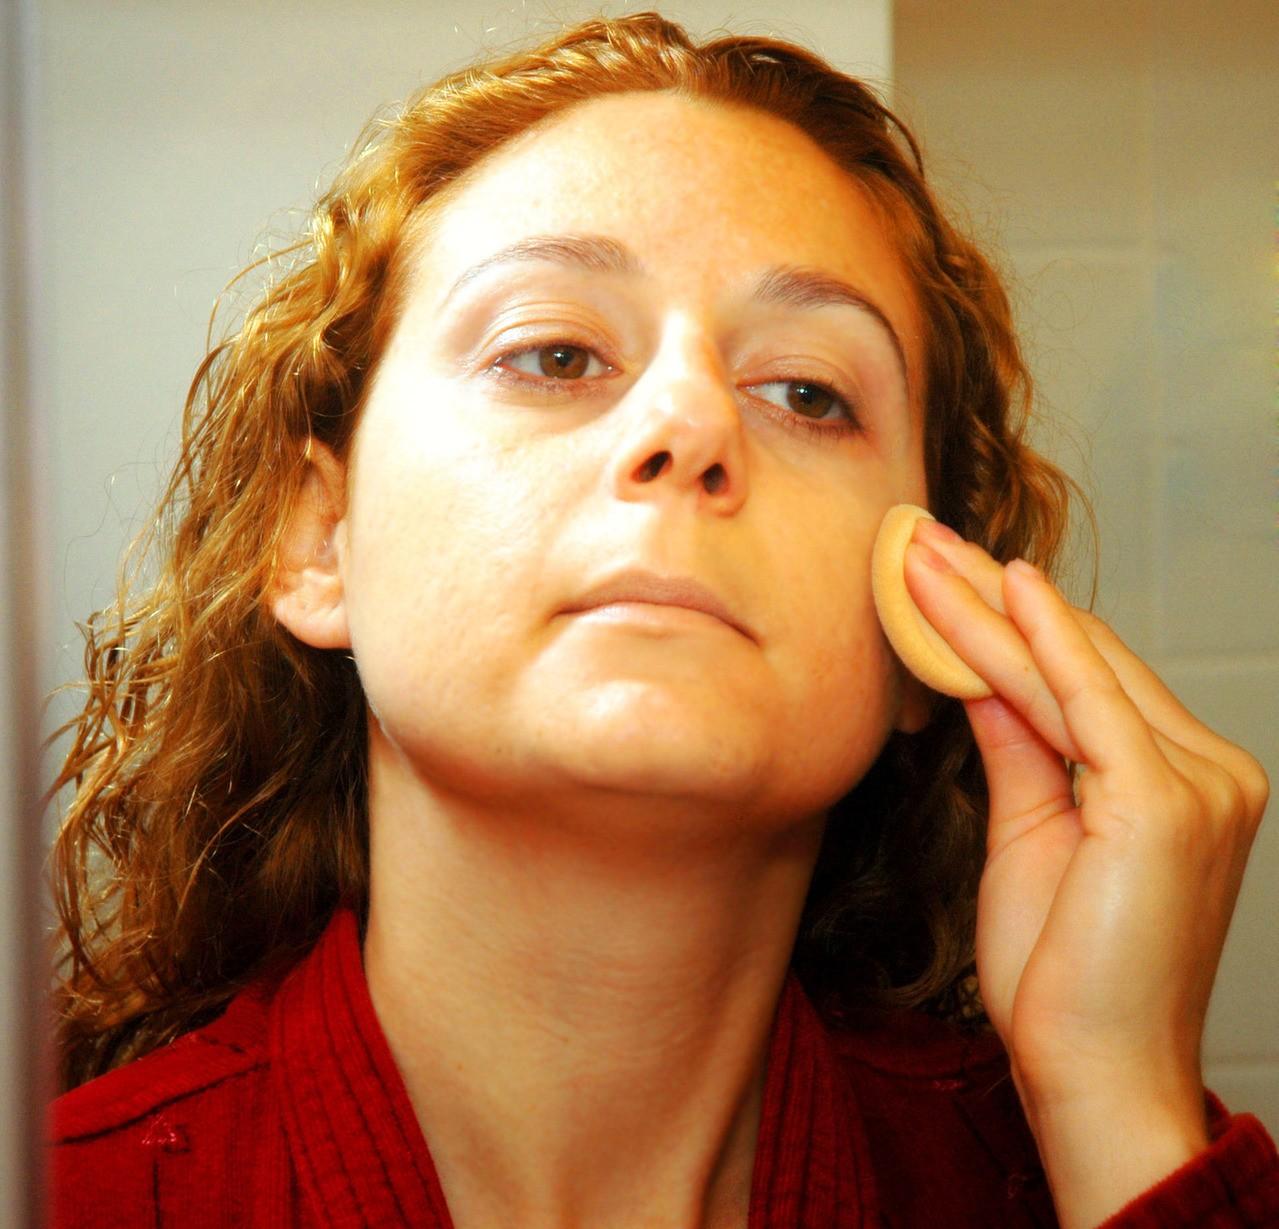 Jak dobrze oczyszczać skórę?